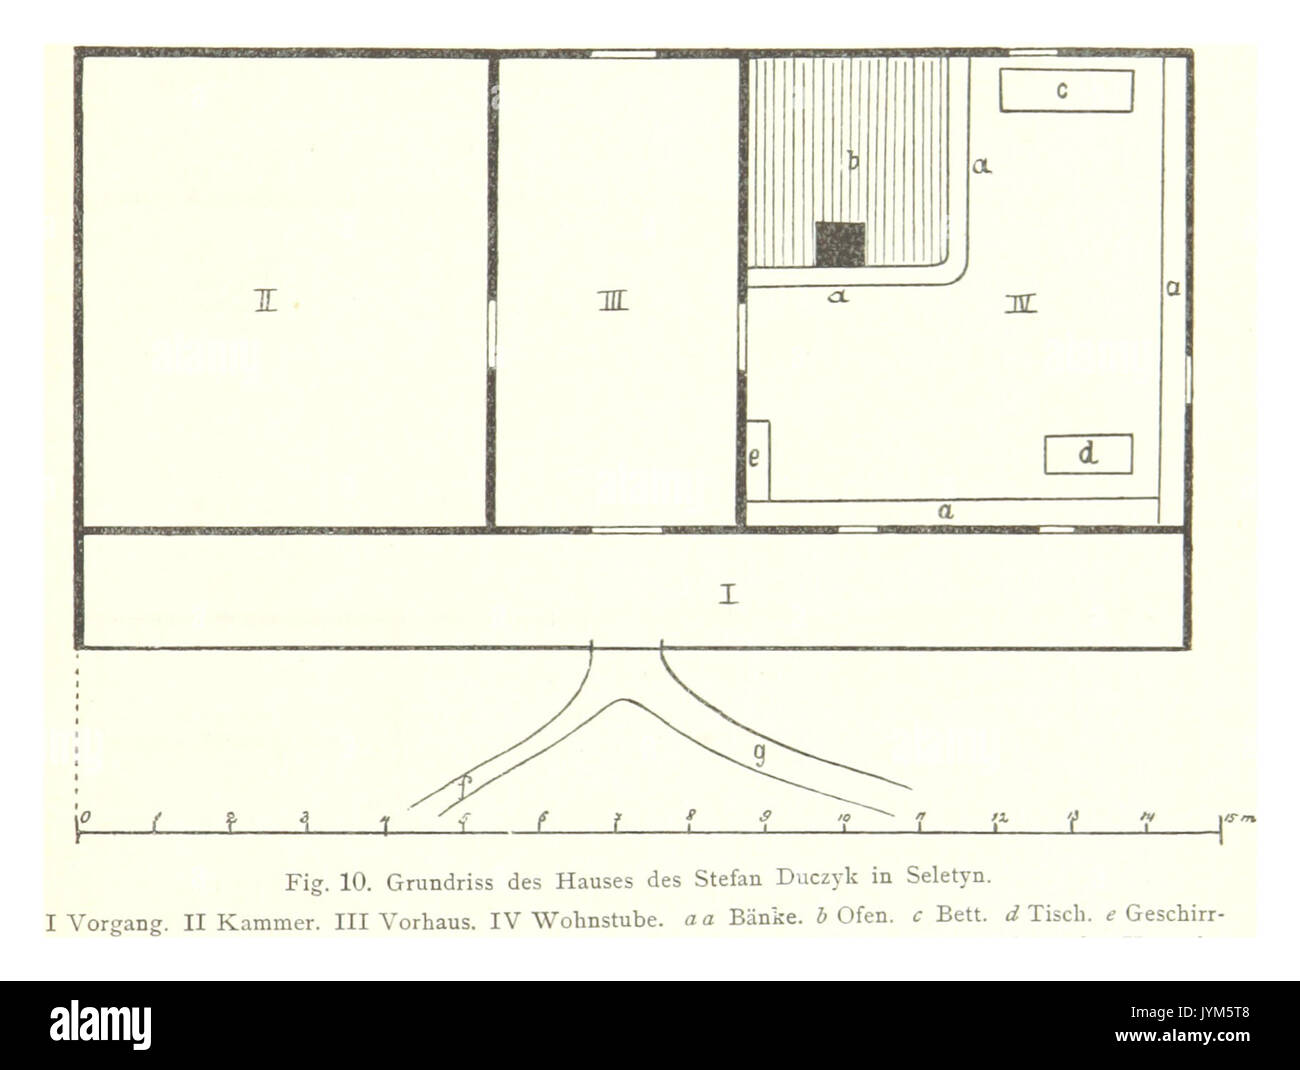 47 Huzulenhaus In Seletyn   Stock Image